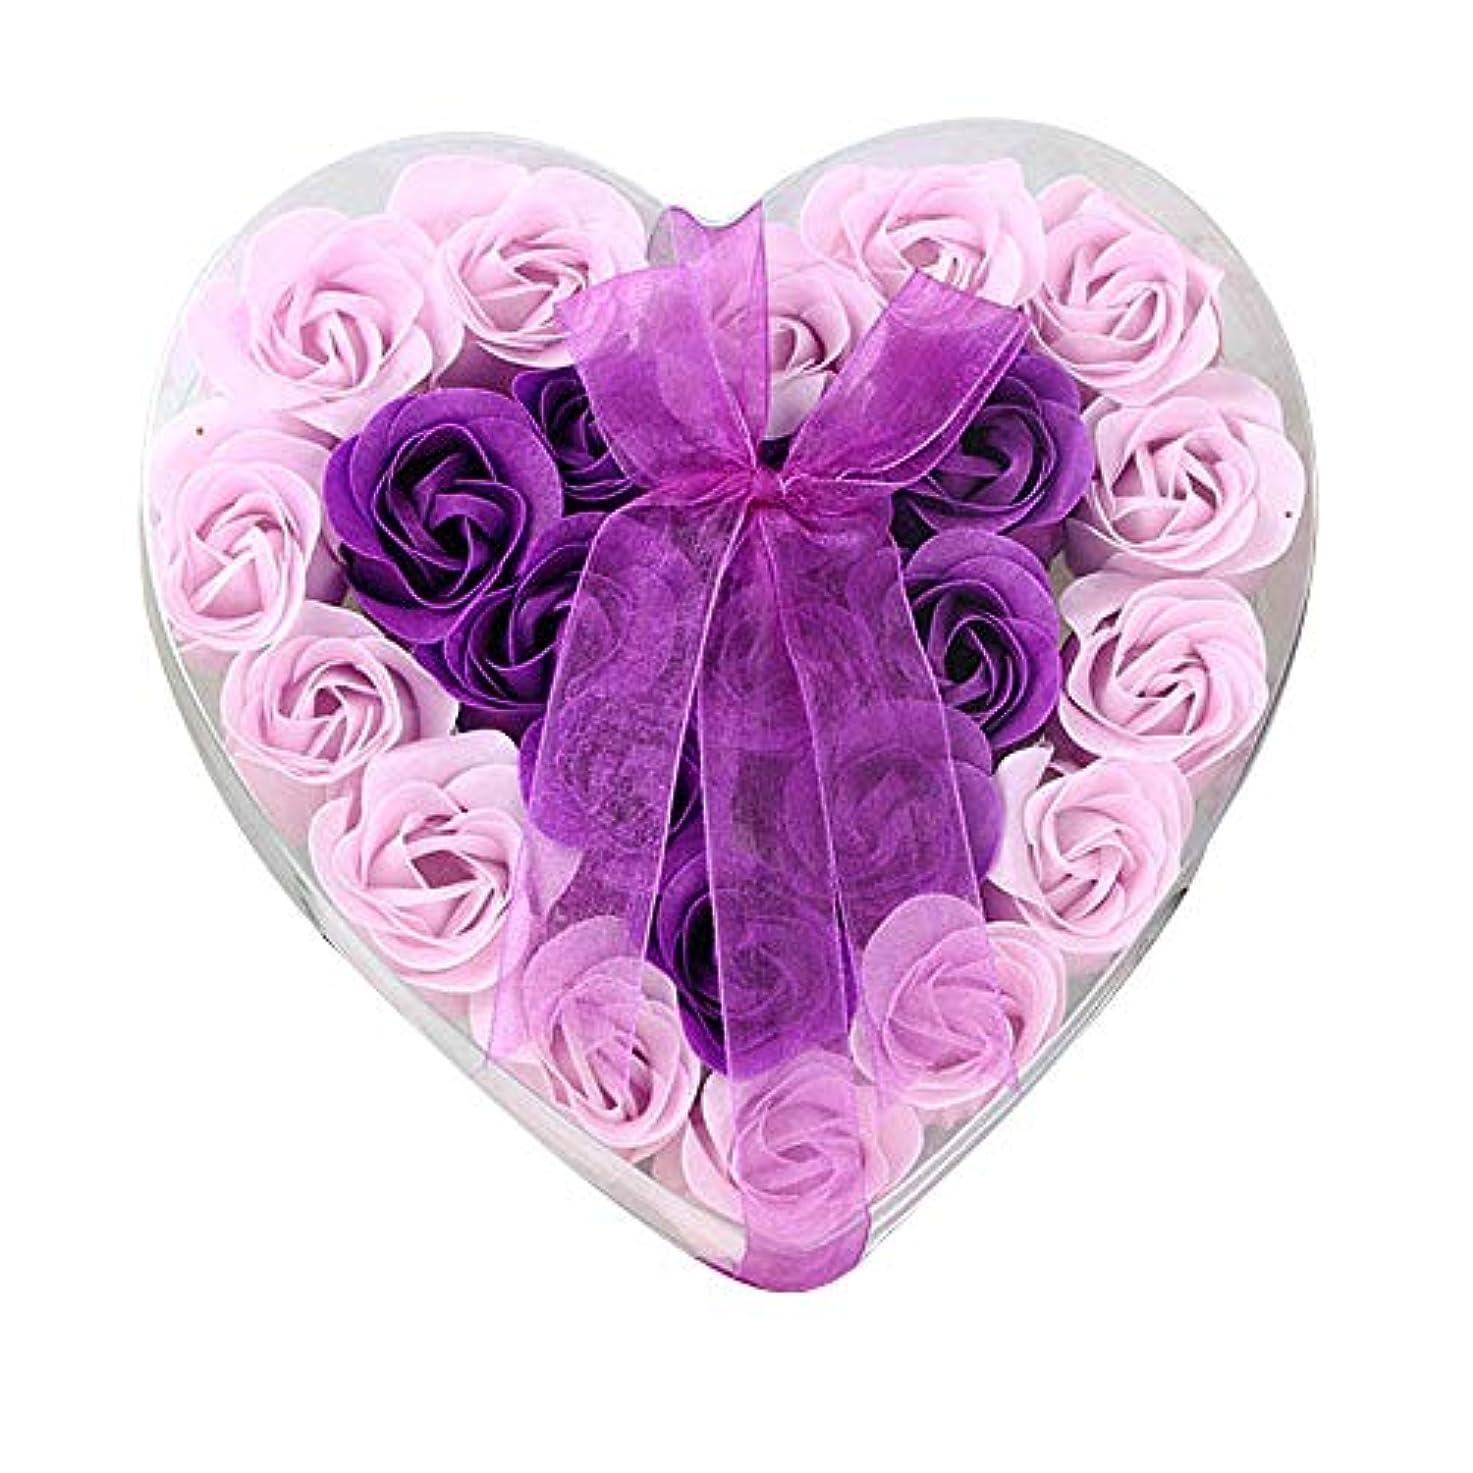 若者肥満球体24個の手作りのローズ香りのバスソープの花びら香りのバスソープは、ギフトボックスの花びらをバラ (色 : 紫の)